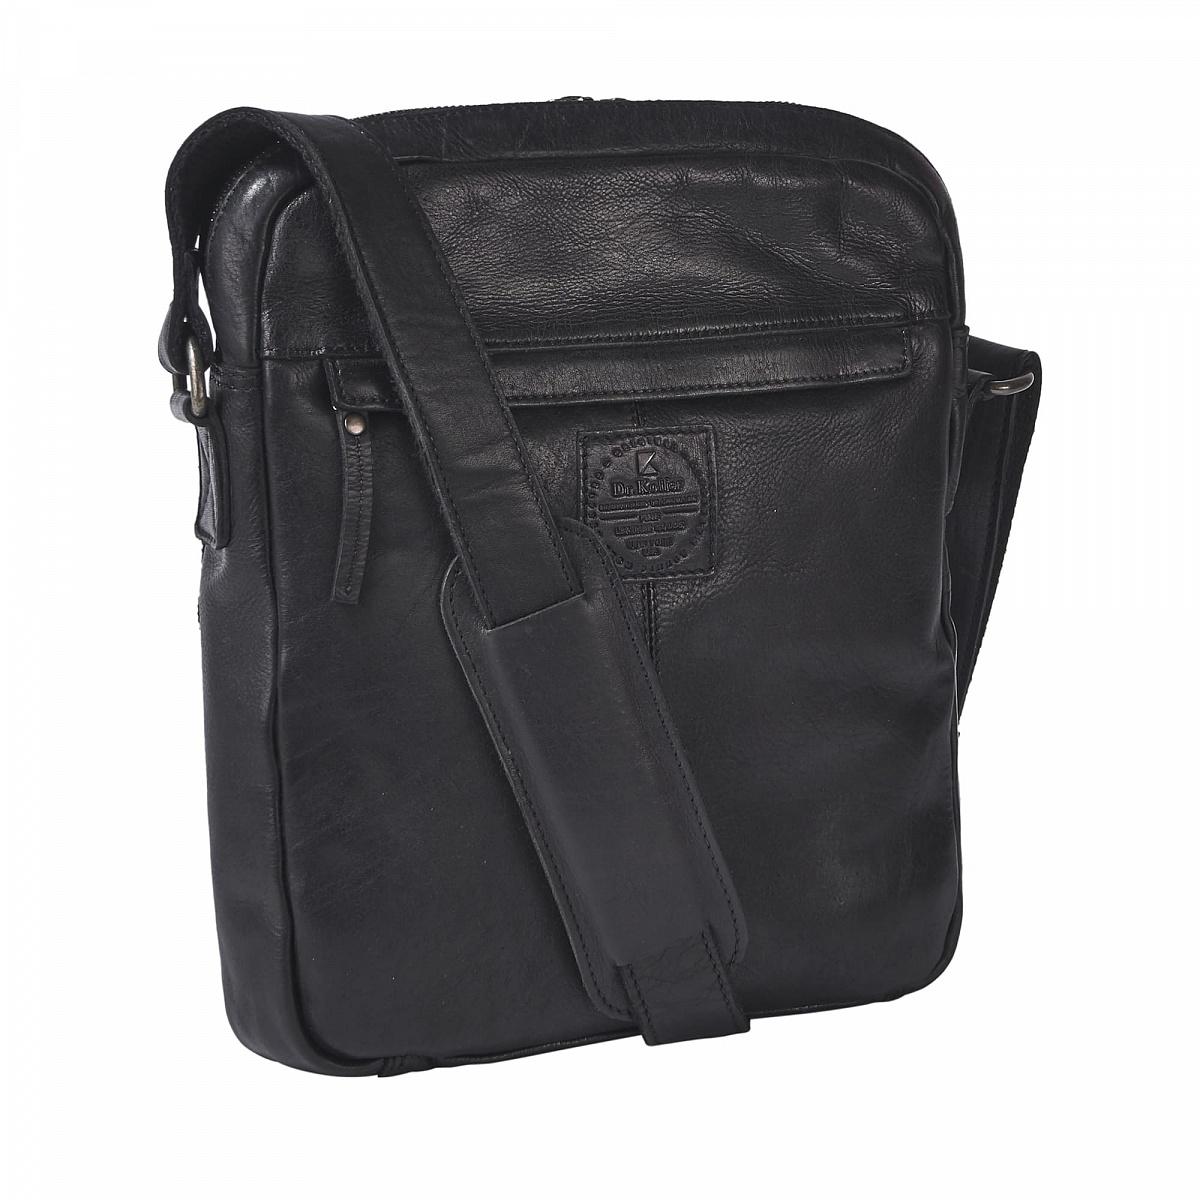 Др. Коффер M402741-249-04 сумка через плечо 27х30х5см